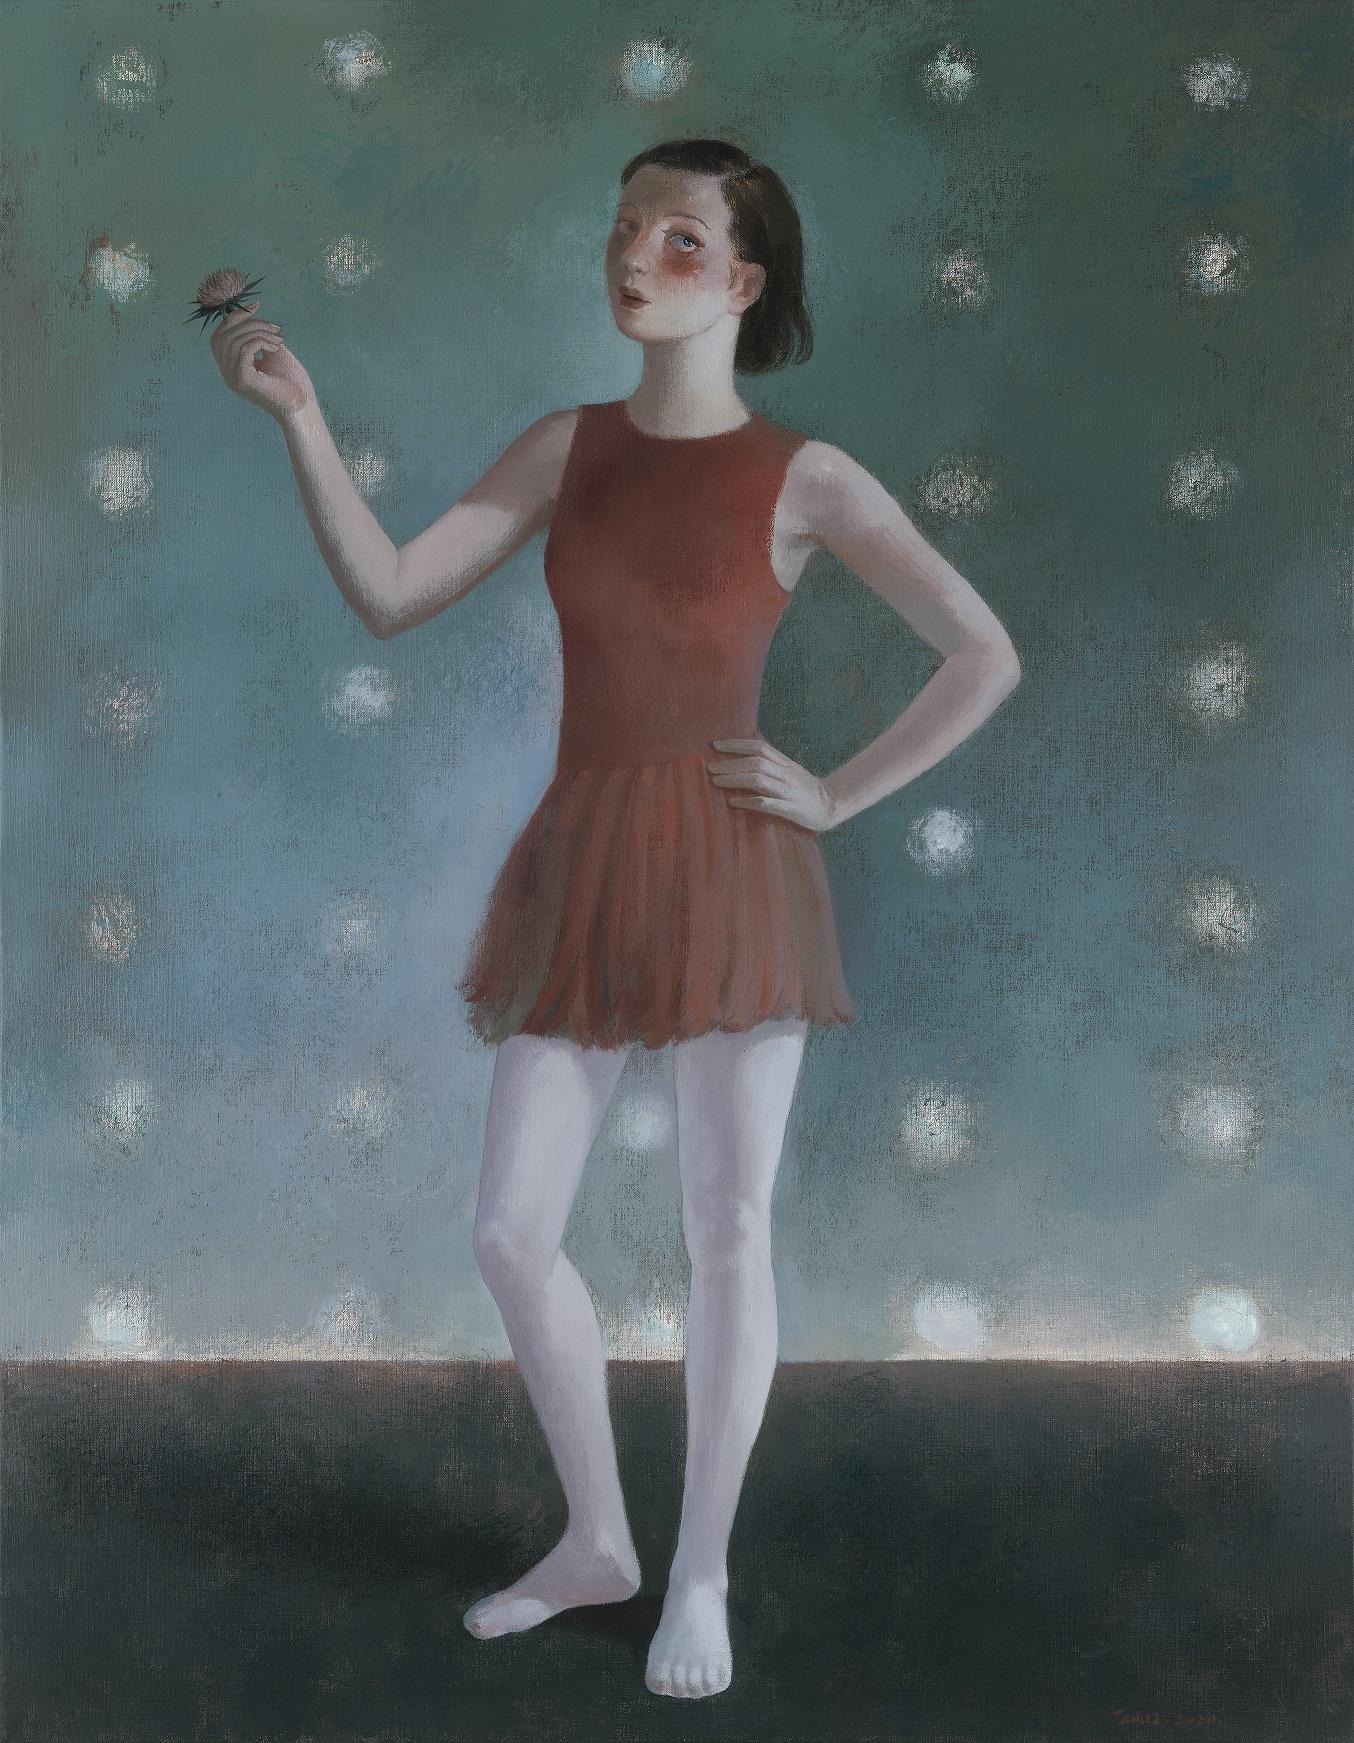 【灰色ピンクの花】90x60cm布面アクリル2020-【王小双絵画個展・言いたいことはまだ恥ずかしい】域上和美芸術館